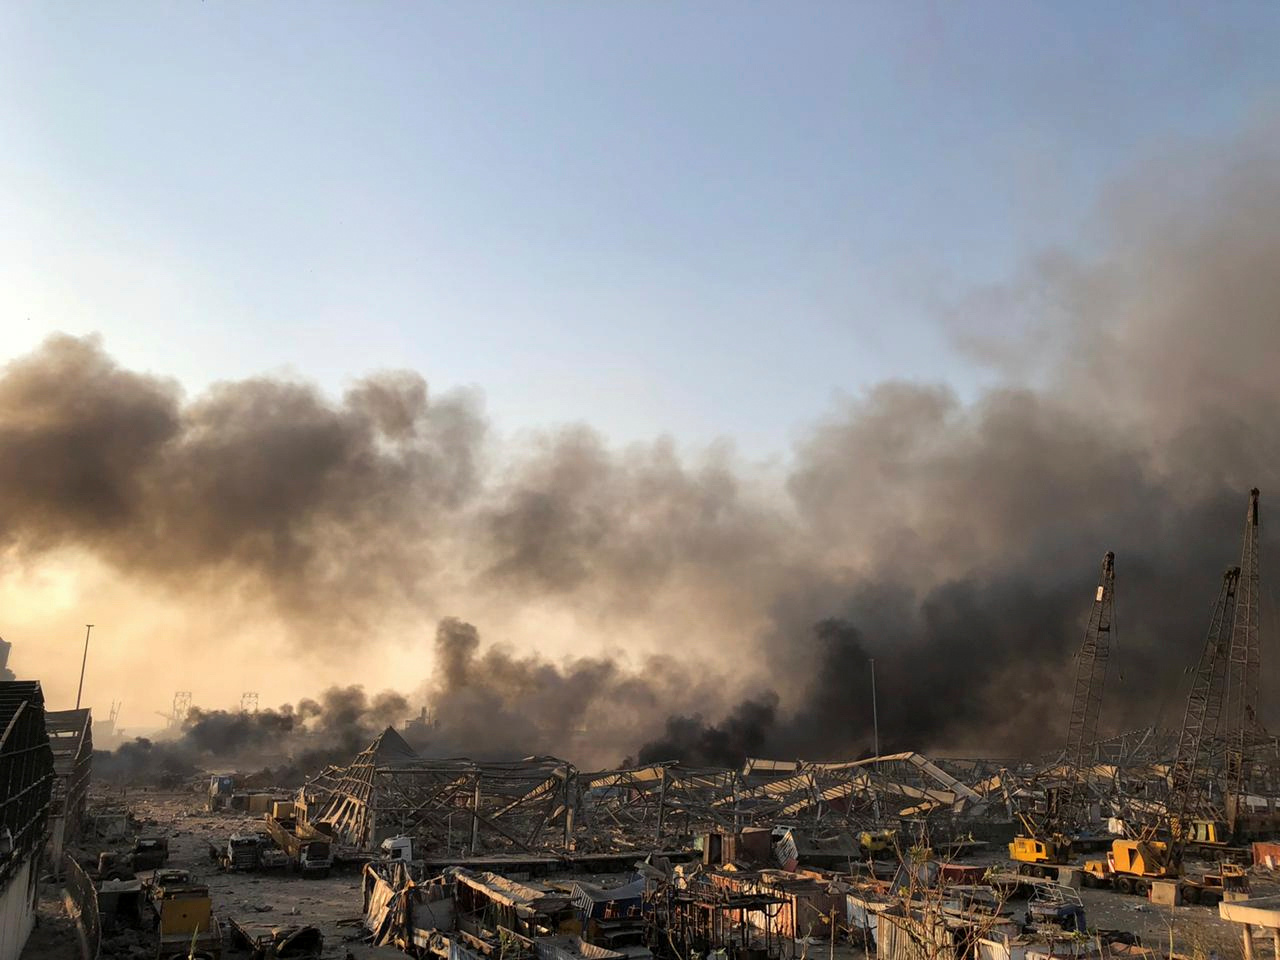 El humo se eleva después de que se escuchara una explosión en Beirut (REUTERS/Issam Abdallah)